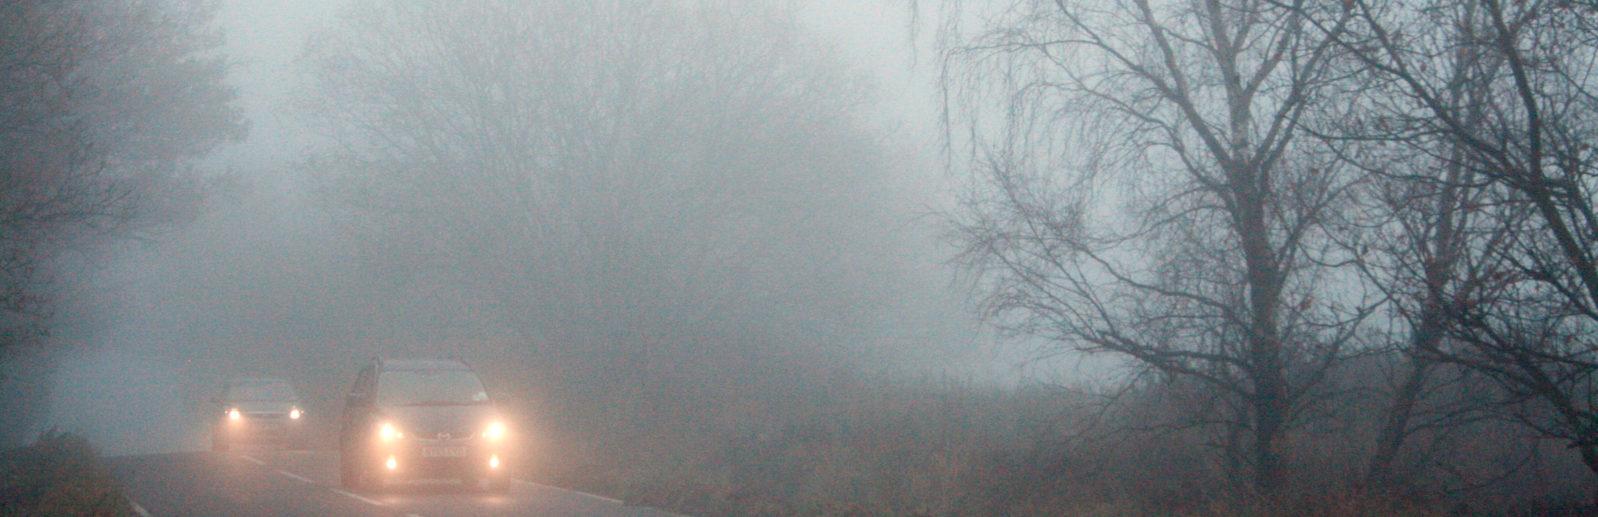 погода туман в крыму фото